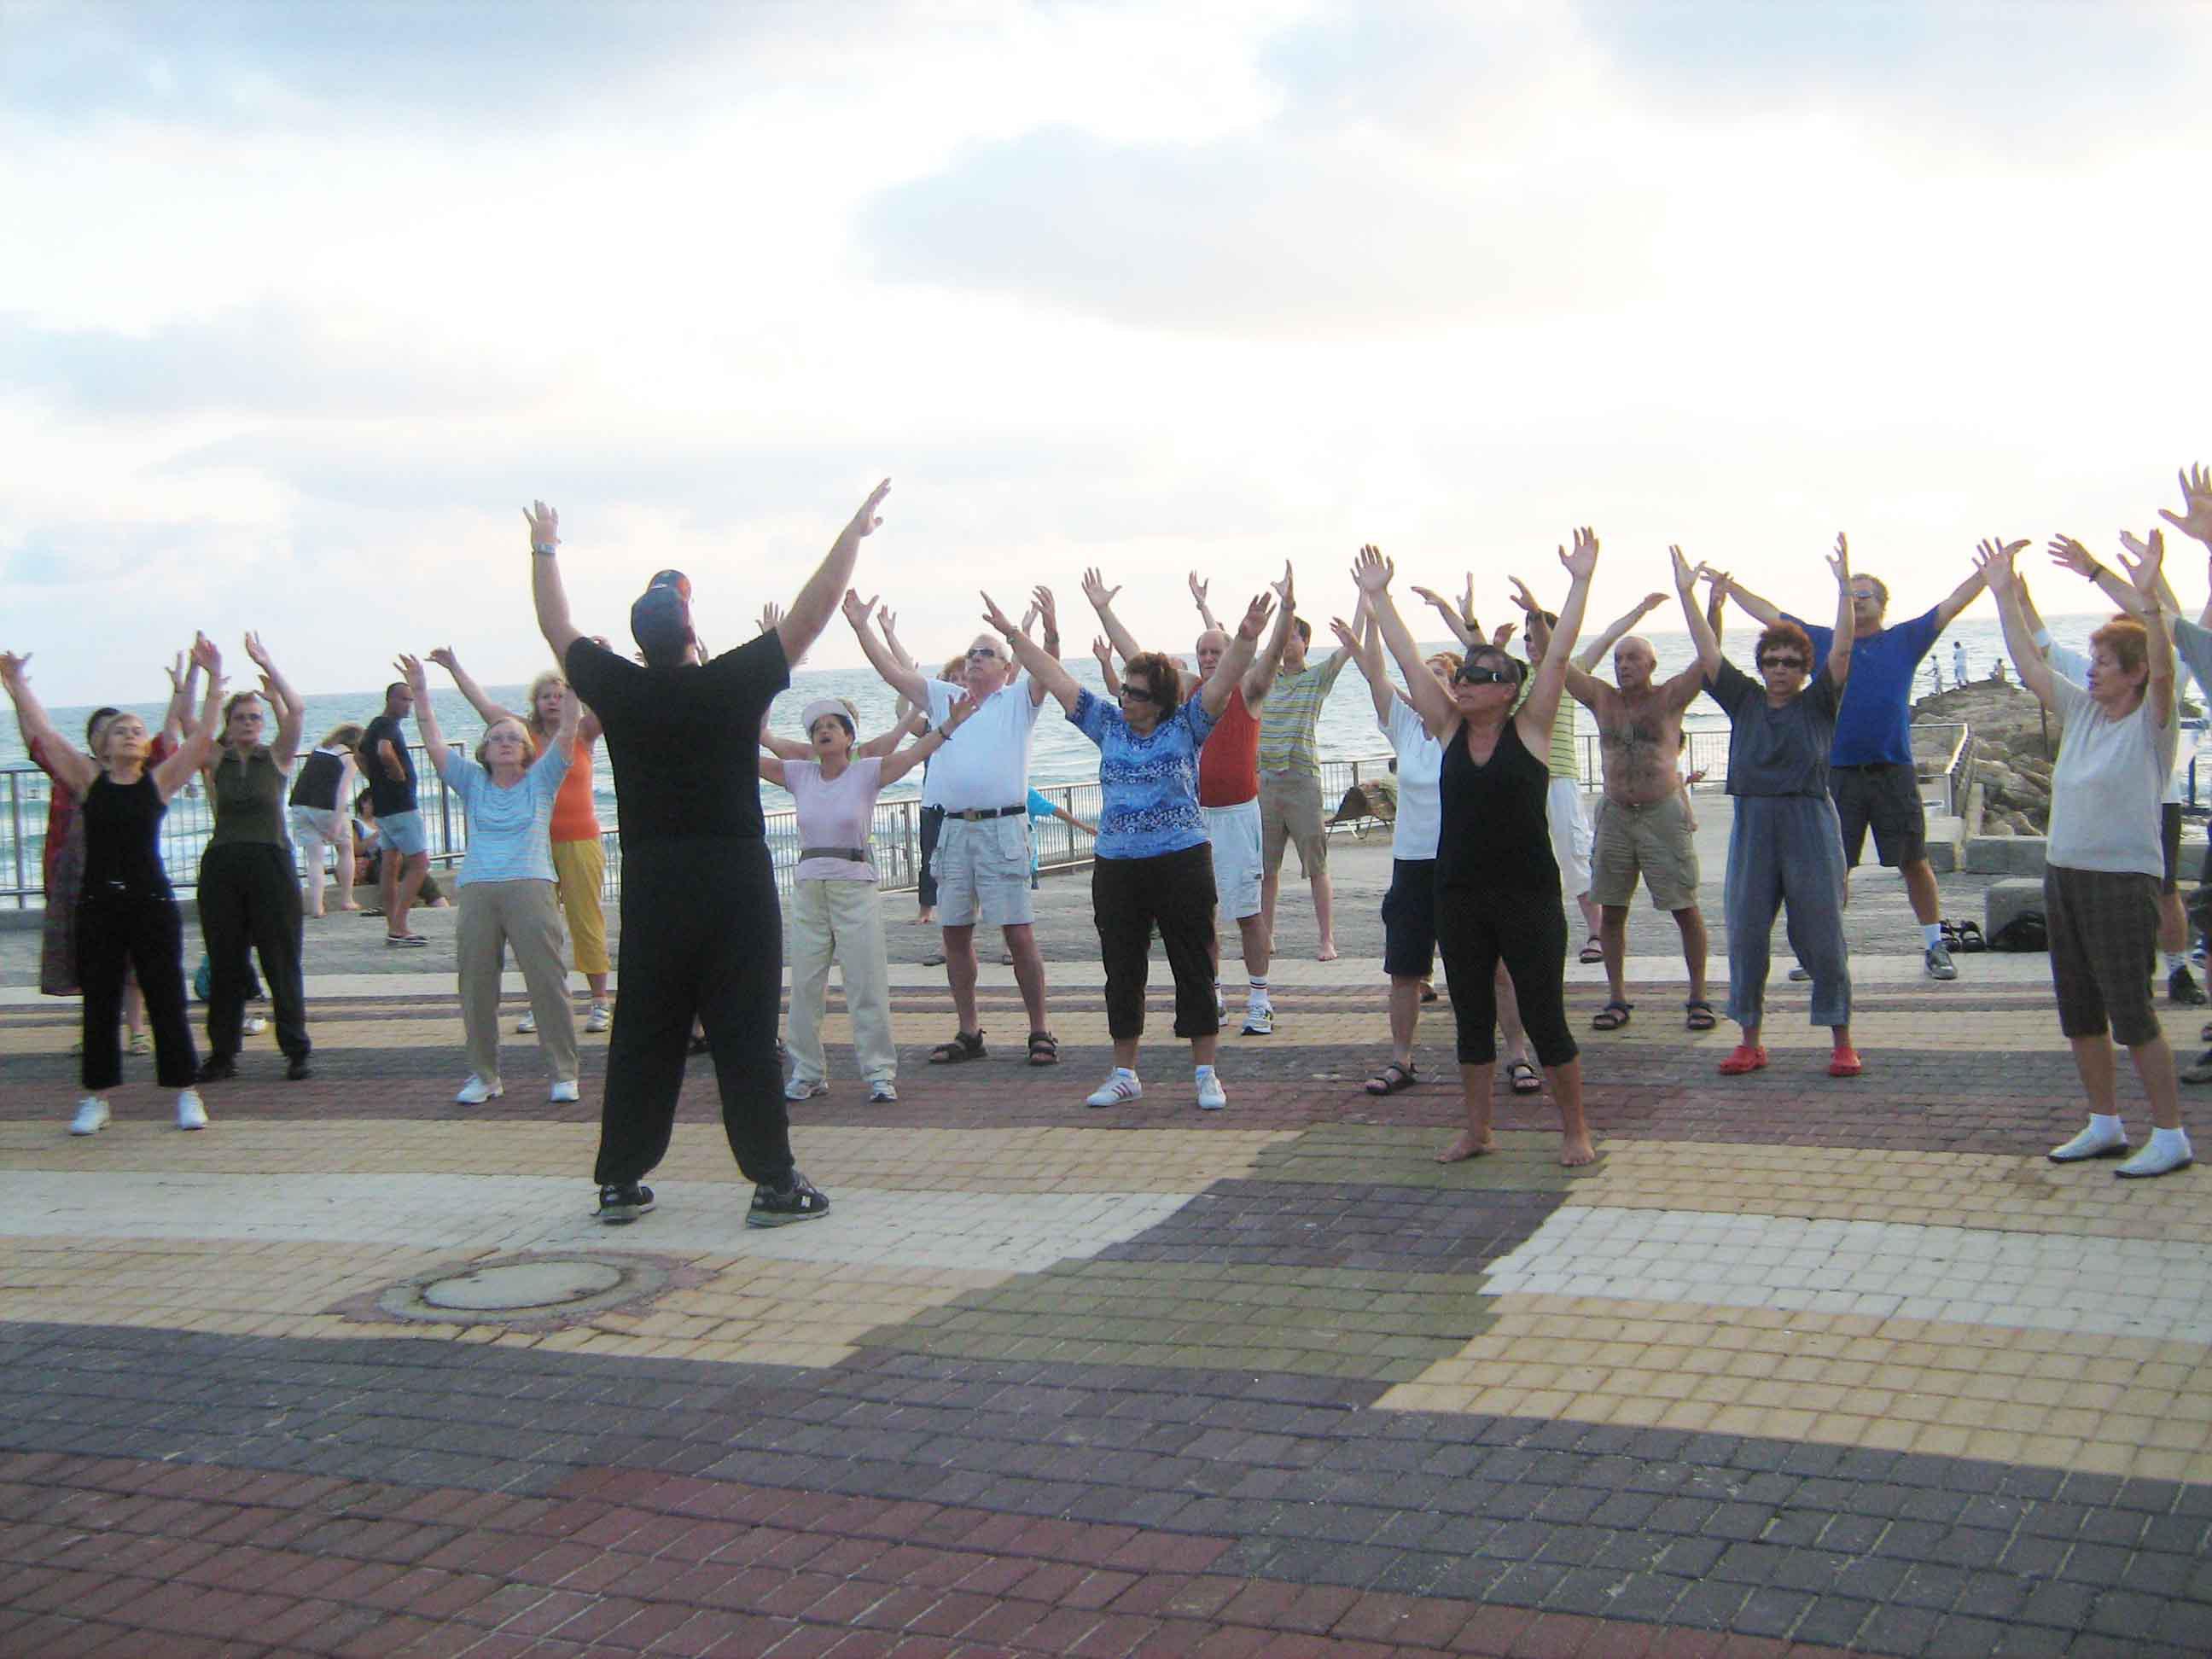 עם כל הקבוצה ידיים לשמים